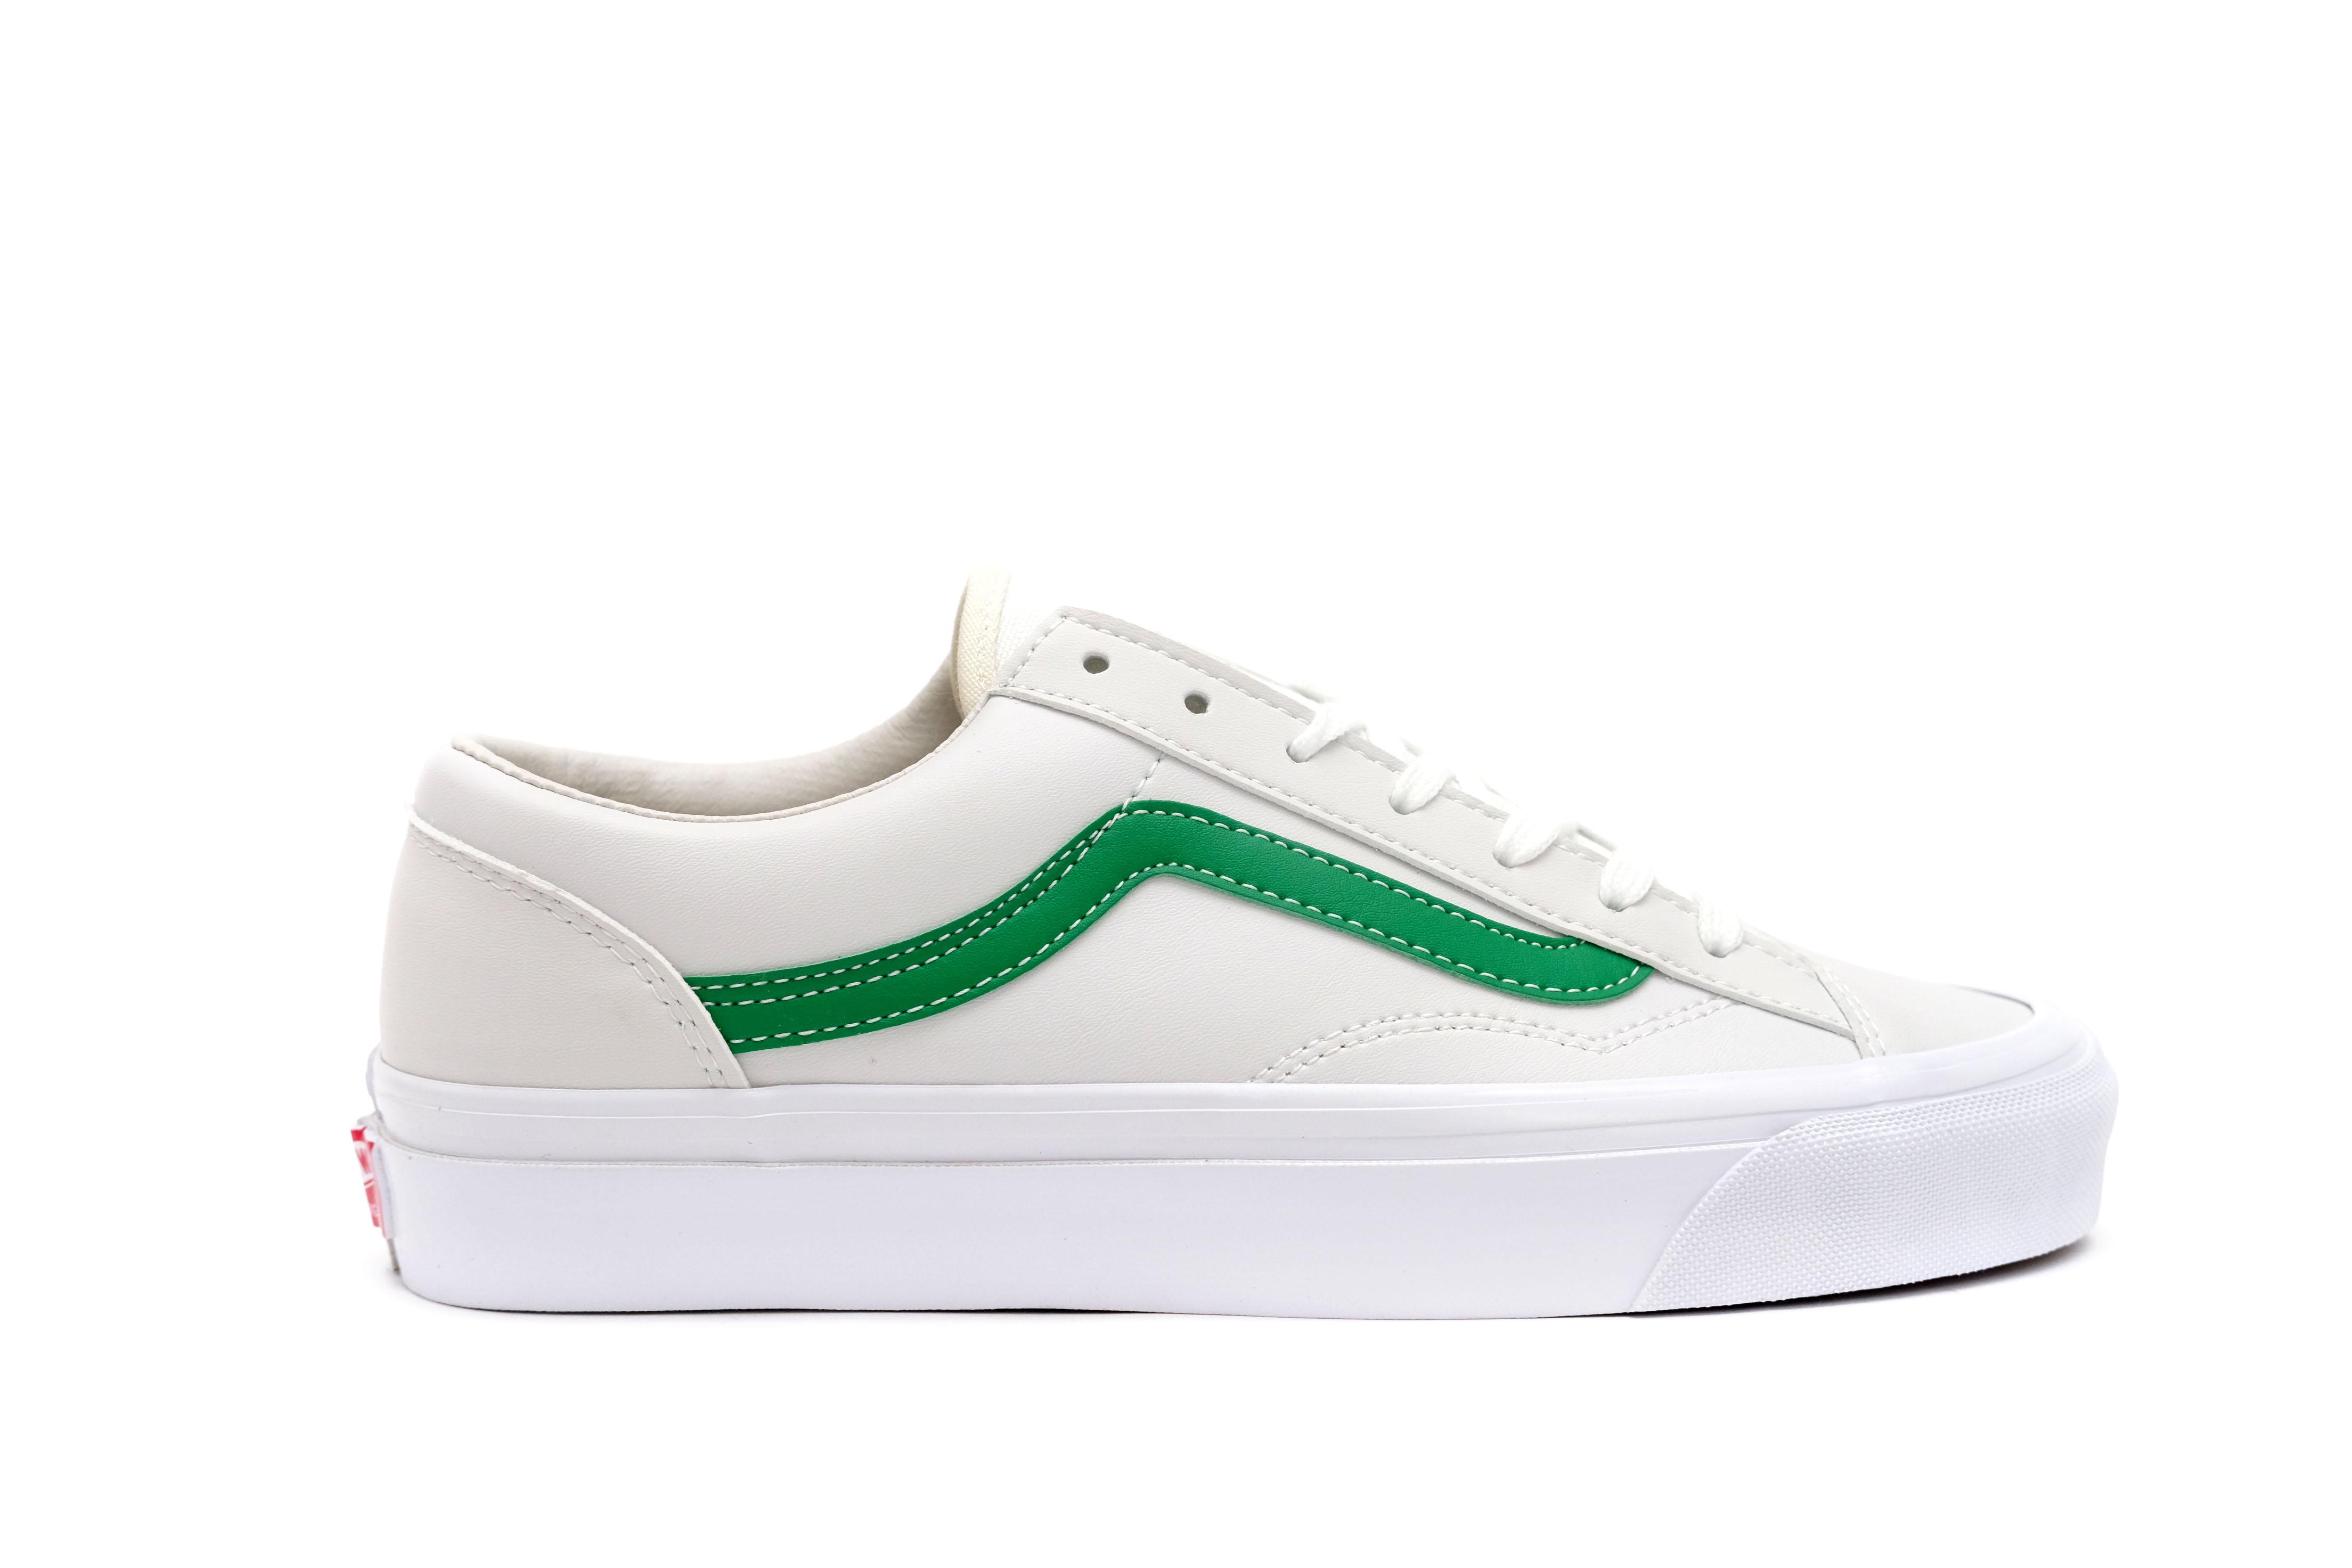 Vans Vault Style 36 - Green